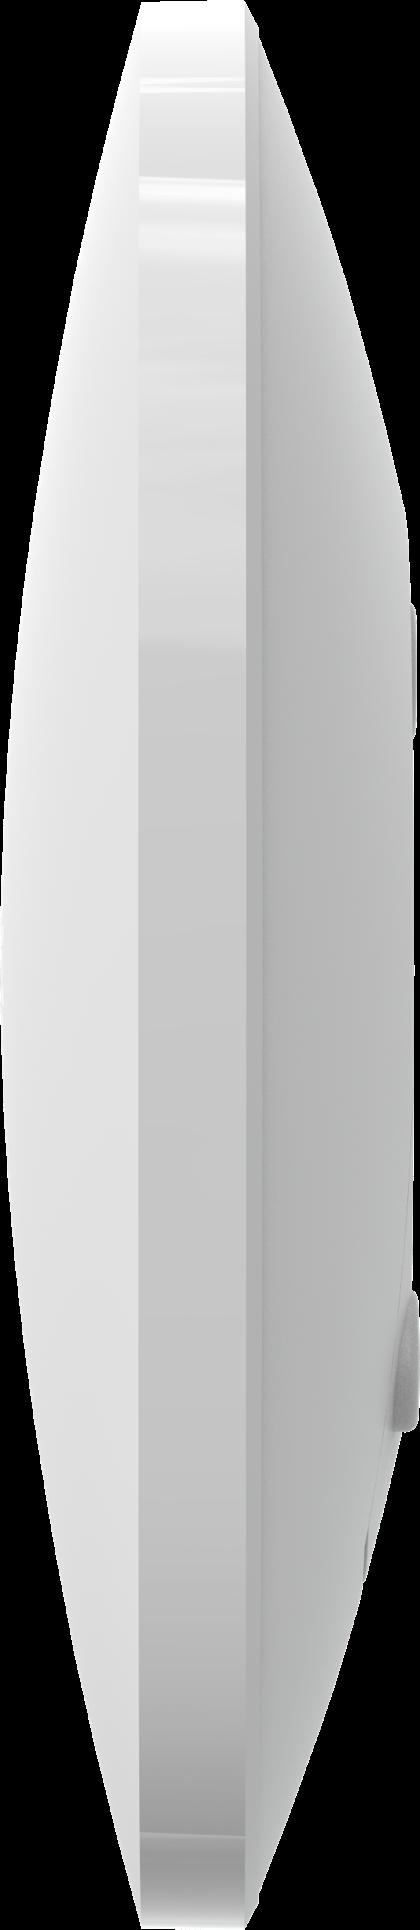 Фото 4 - Ajax StarterKit - комплект охранной сигнализации.